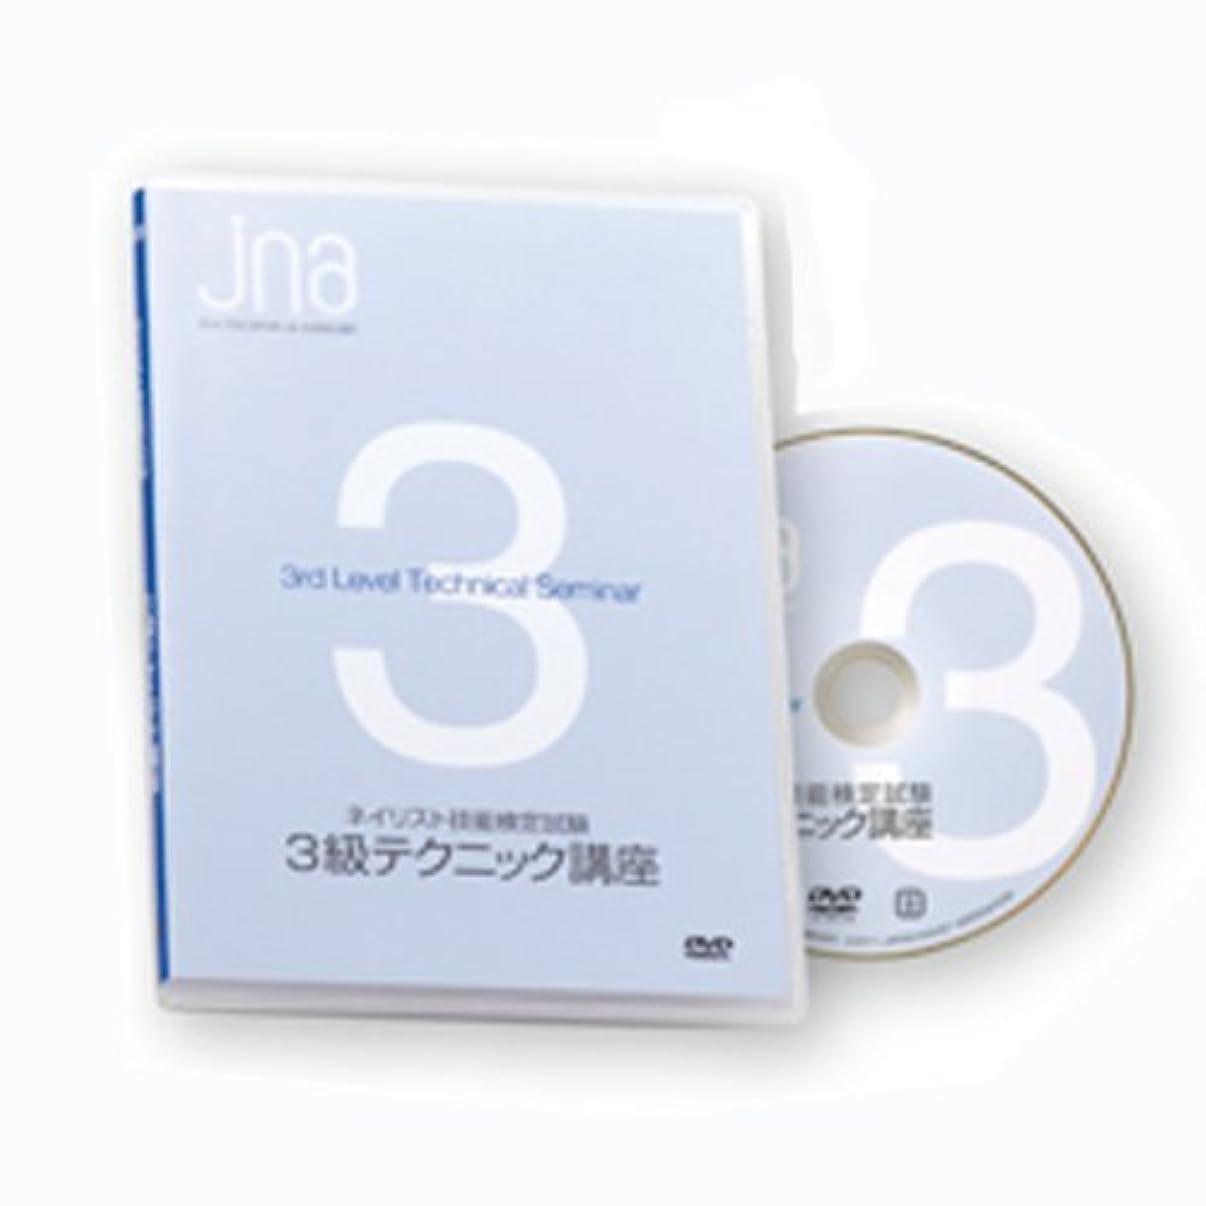 過剰刺す気楽なJNAテクニカルライブラリーDVD ネイリスト技能検定試験3級 テクニック講座